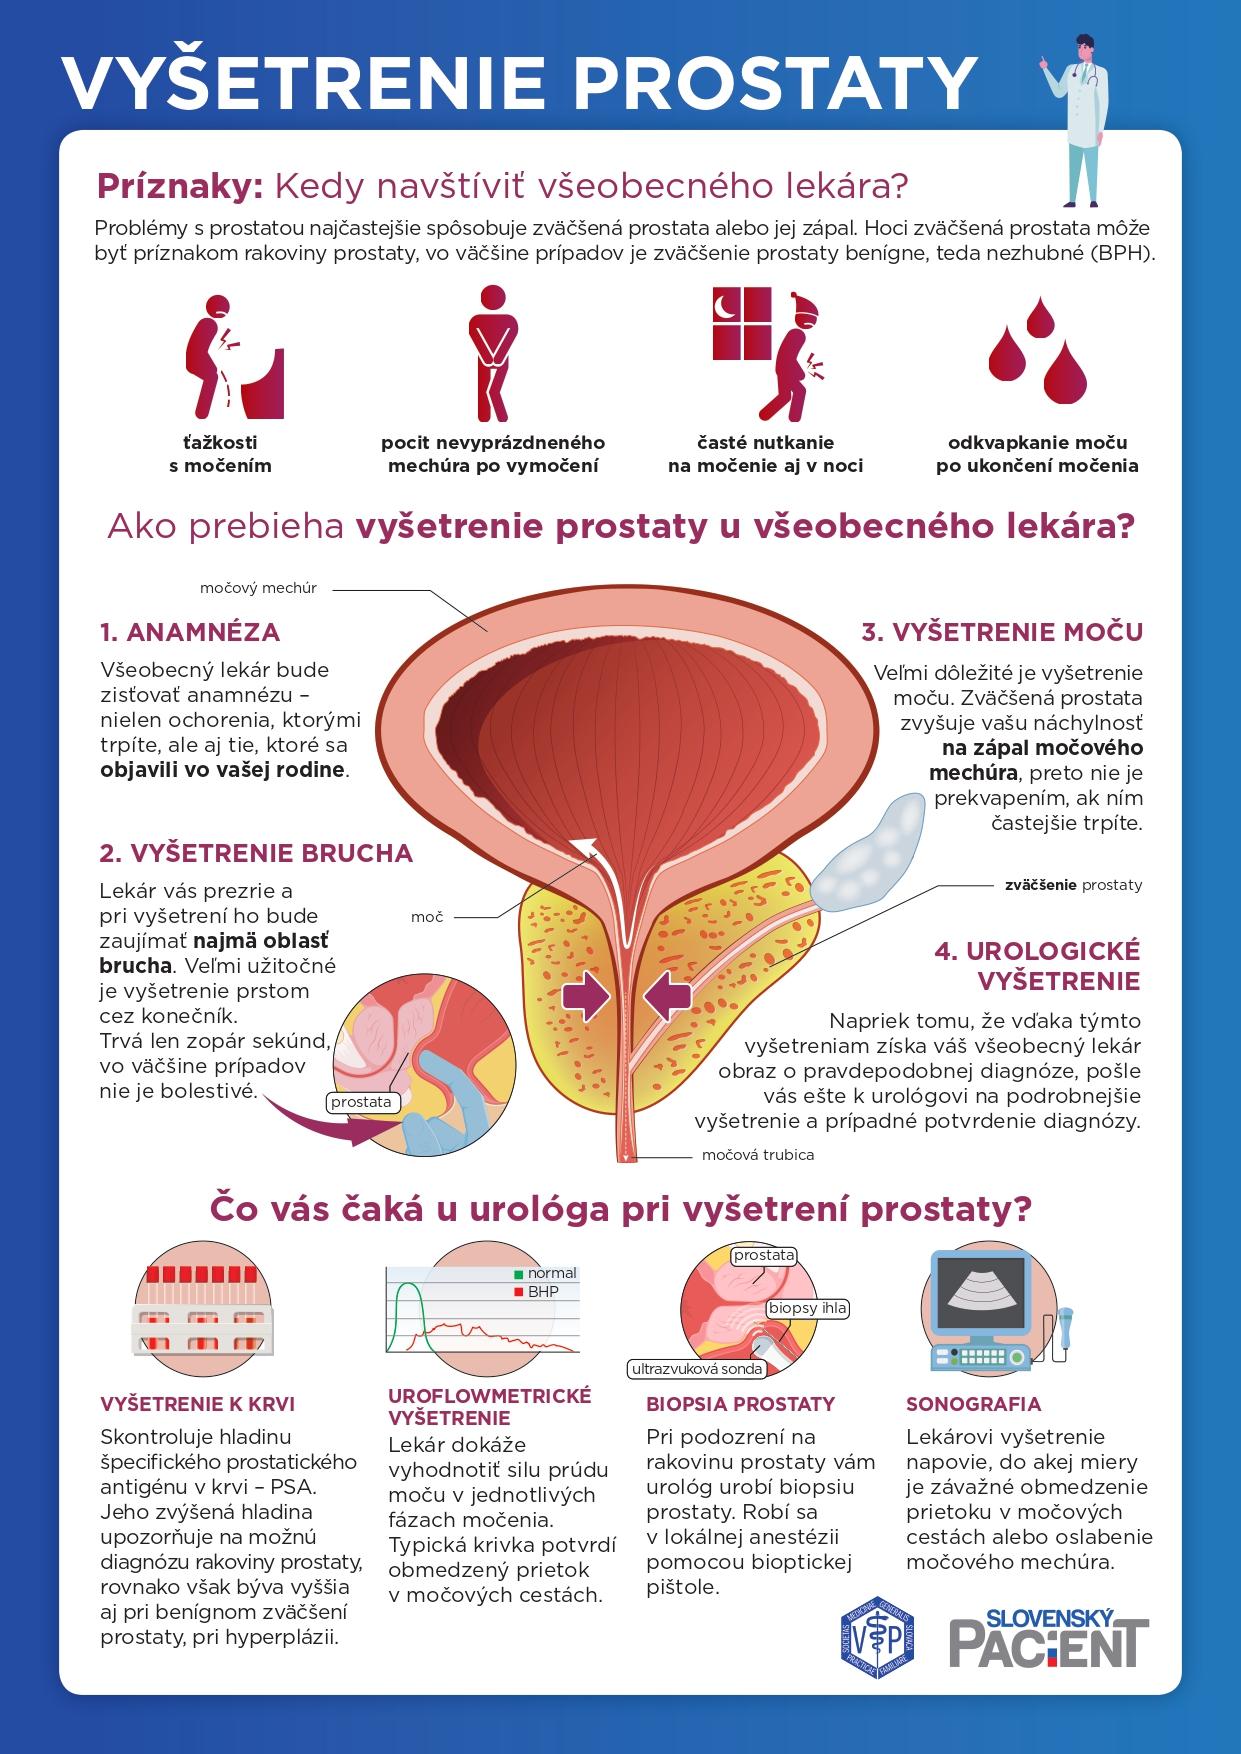 Vyšetrenie prostaty u všeobecného lekára a urológa